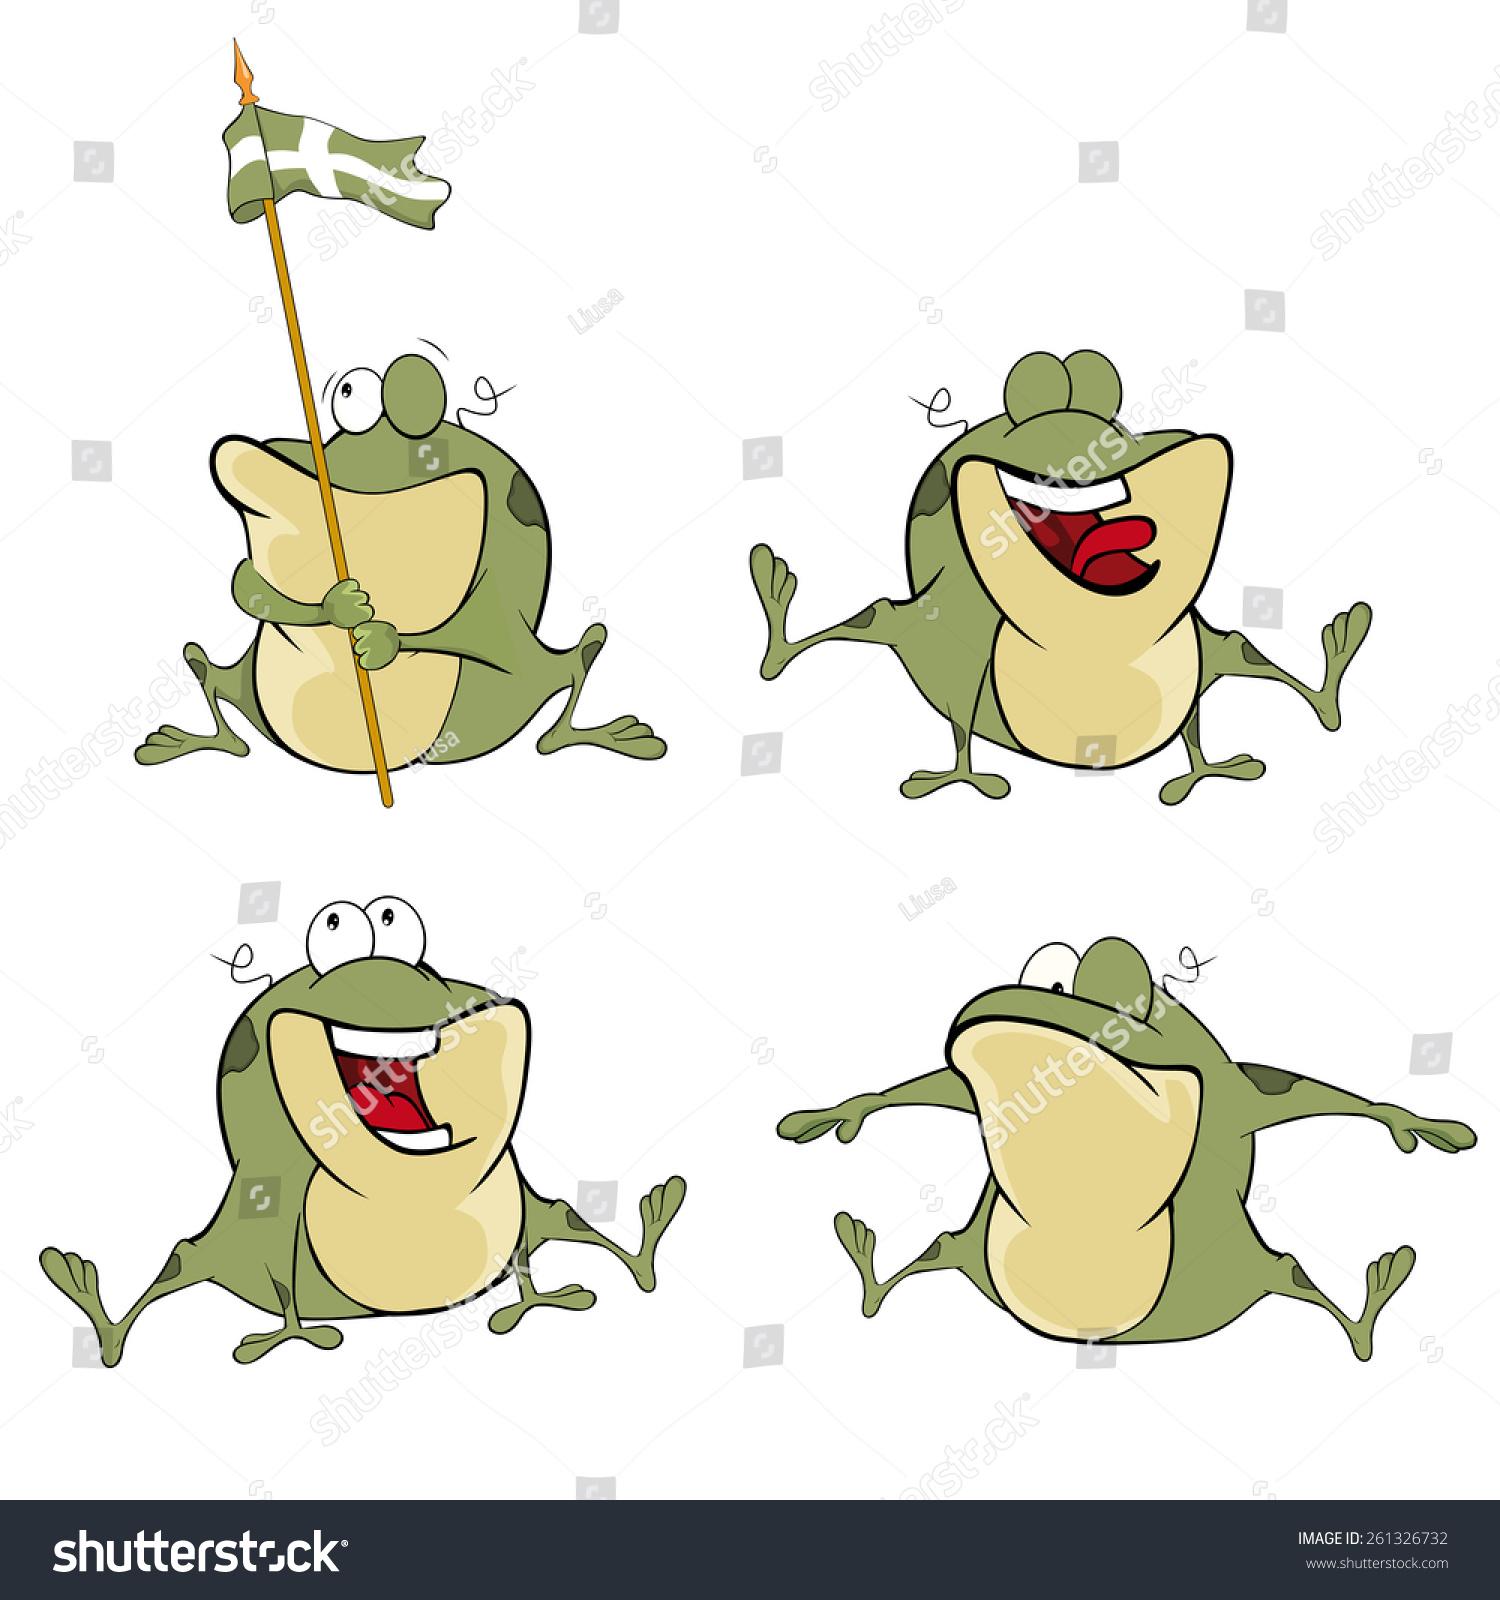 一套可爱卡通绿色青蛙的矢量图-动物/野生生物-海洛